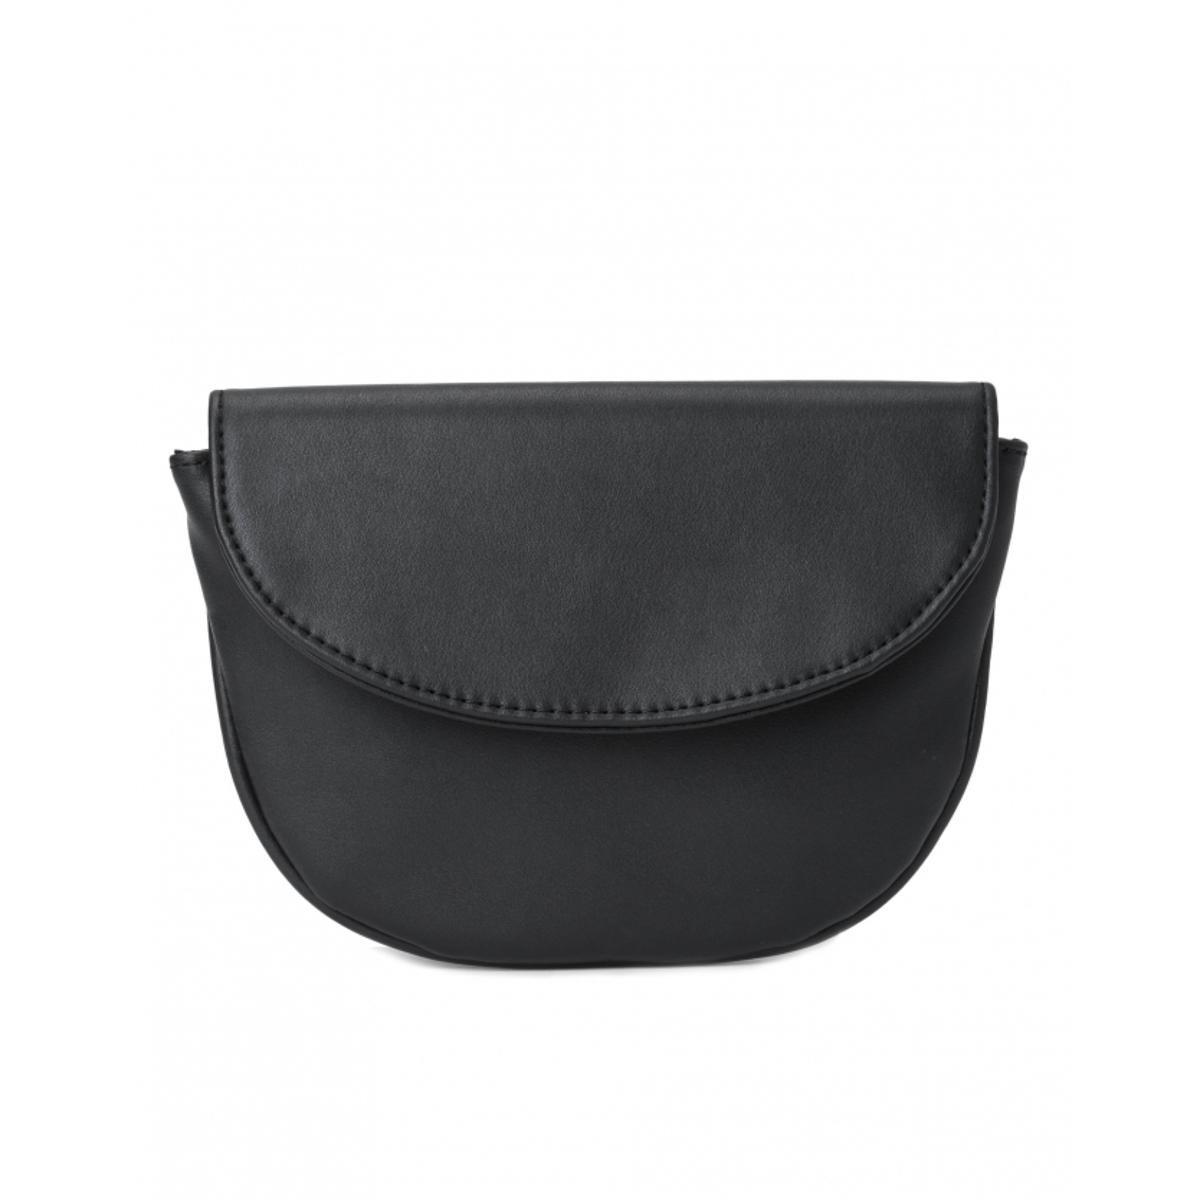 Pochete Amaro Belt Bag Feminina - Preto